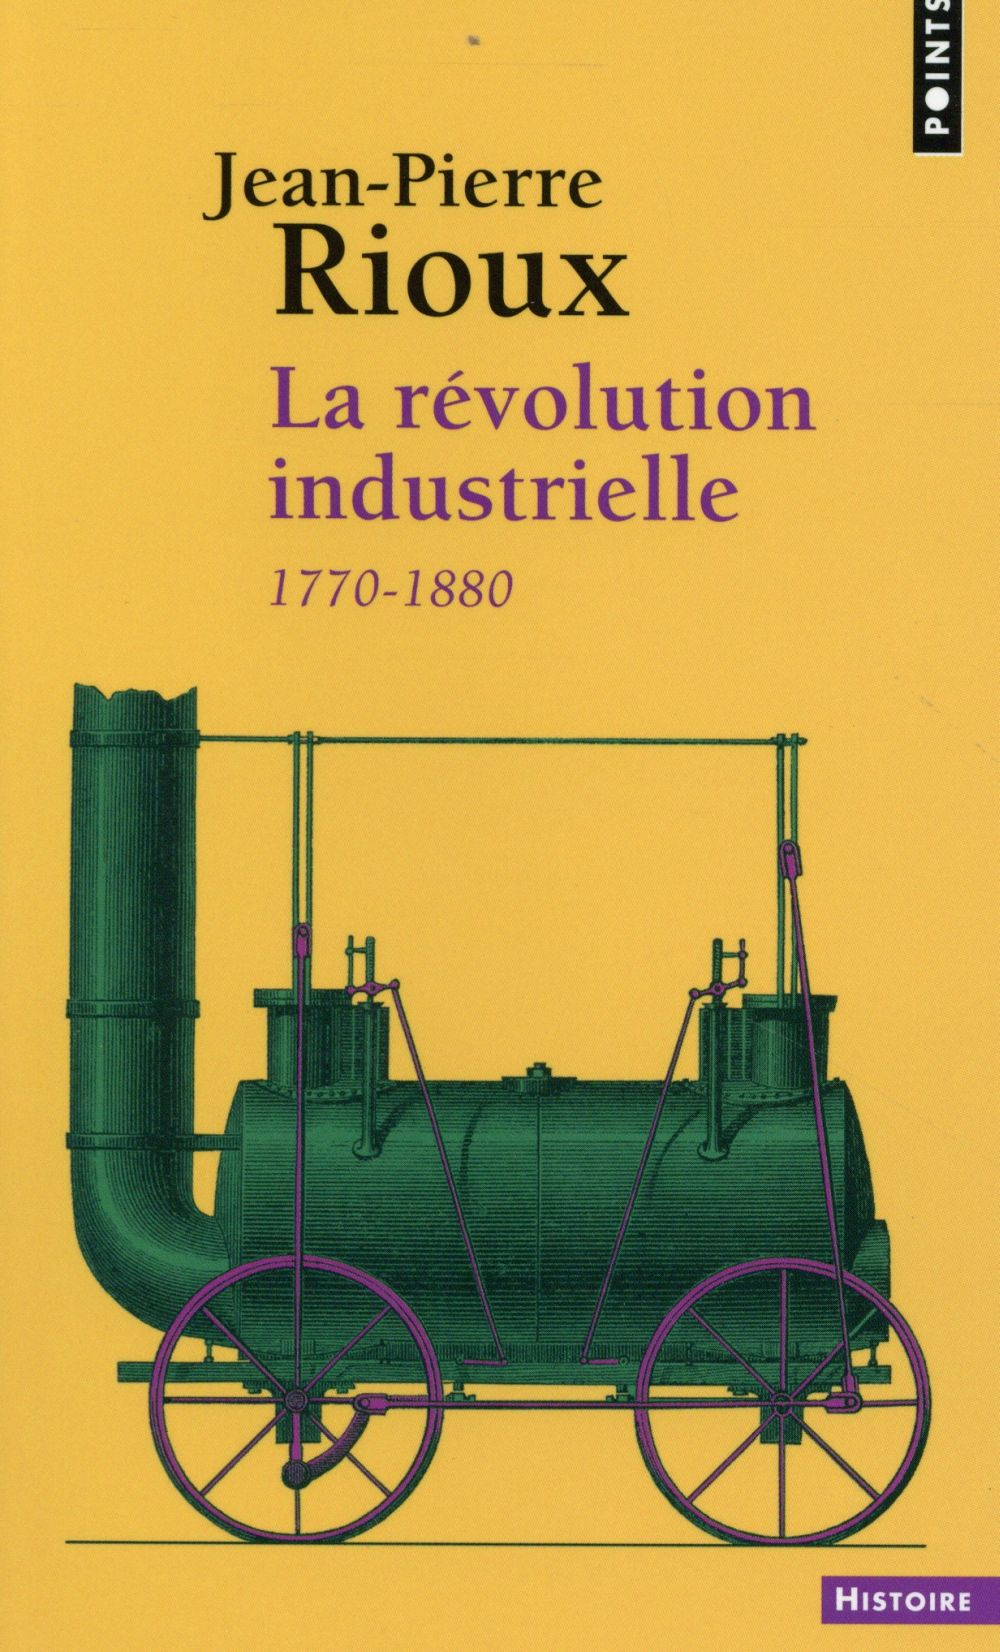 LA REVOLUTION INDUSTRIELLE. 1780-1880 RIOUX JEAN-PIERRE Points